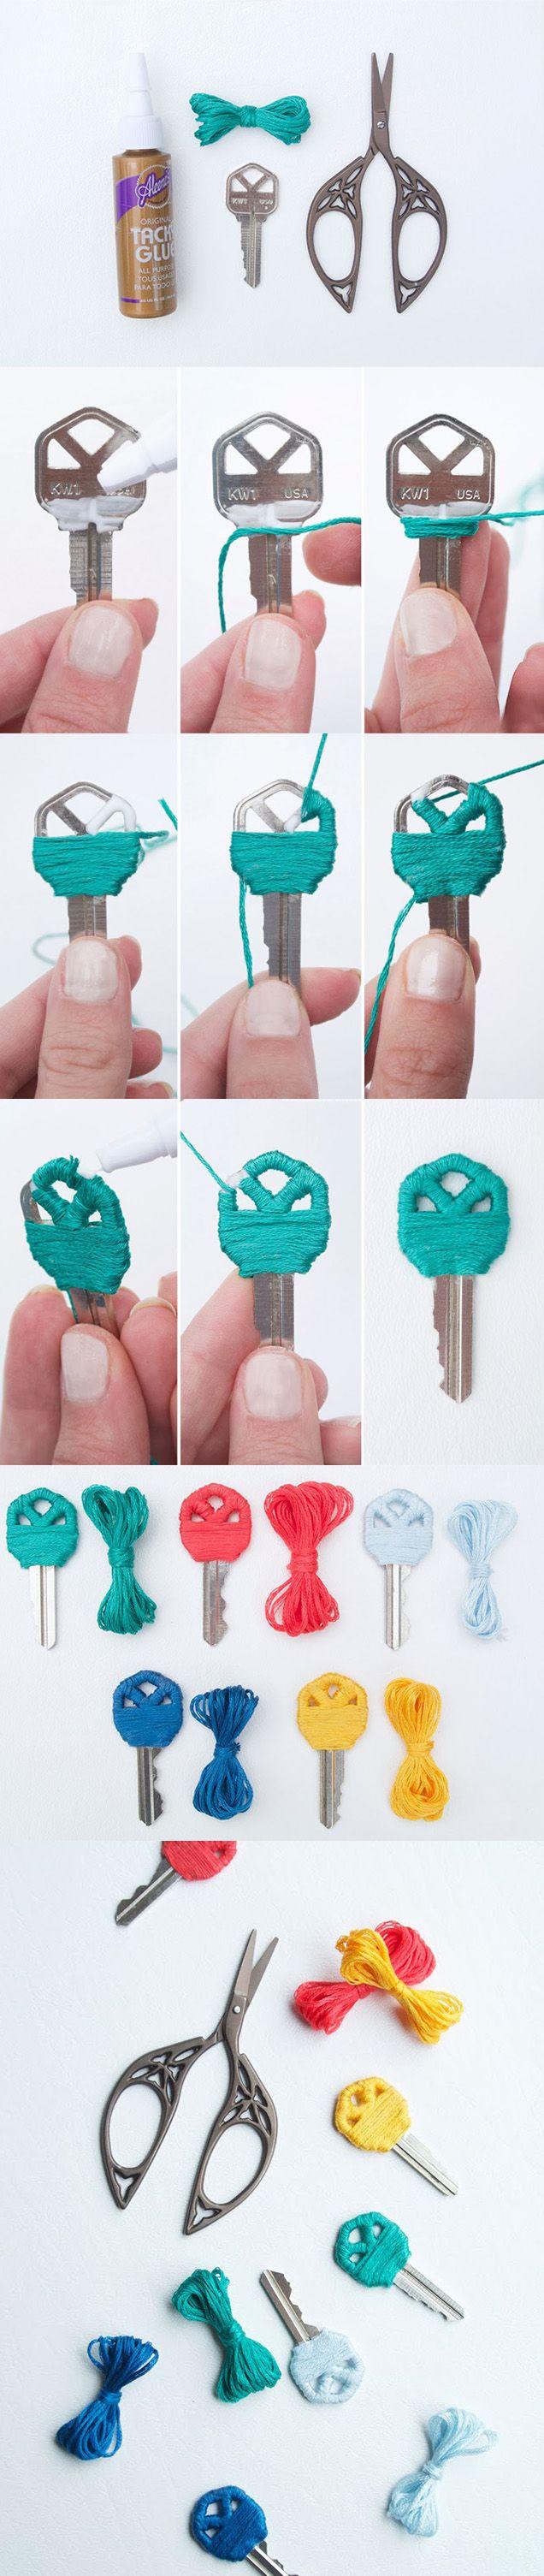 llaves-tela-colores-diy-muy-ingenioso-1